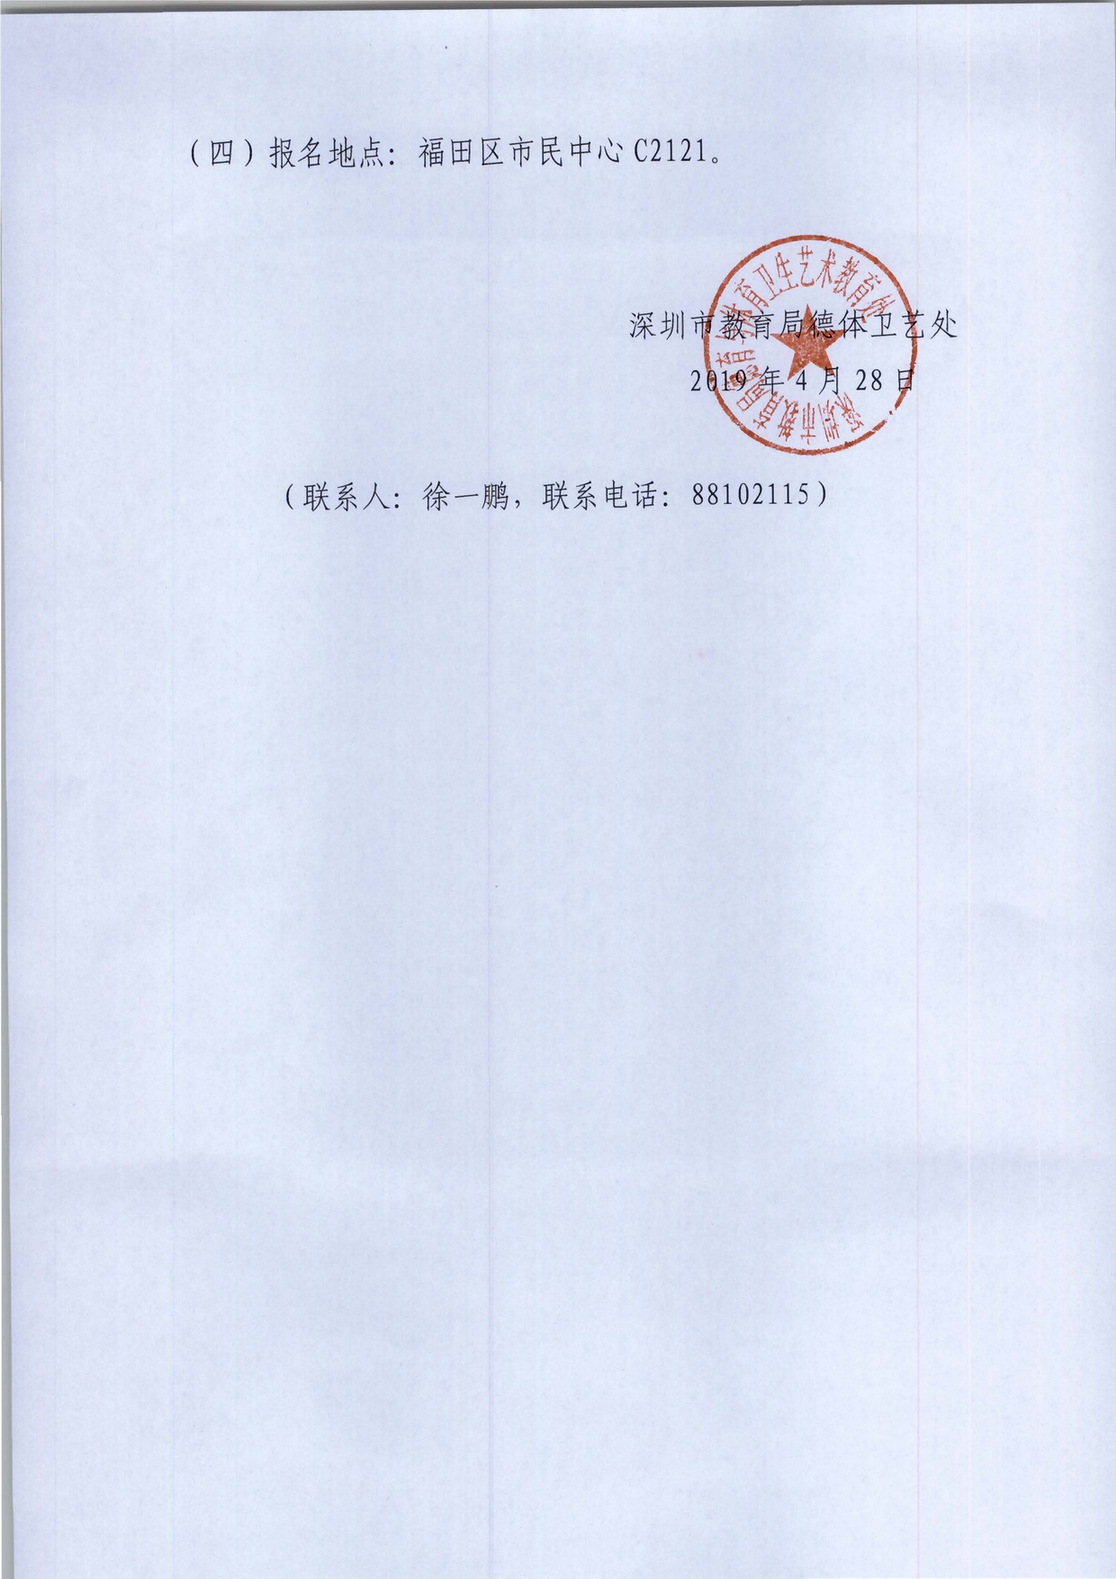 关于调整2019年深圳中小学生毽球比赛和定向越野比赛的通知 (Page 2).png